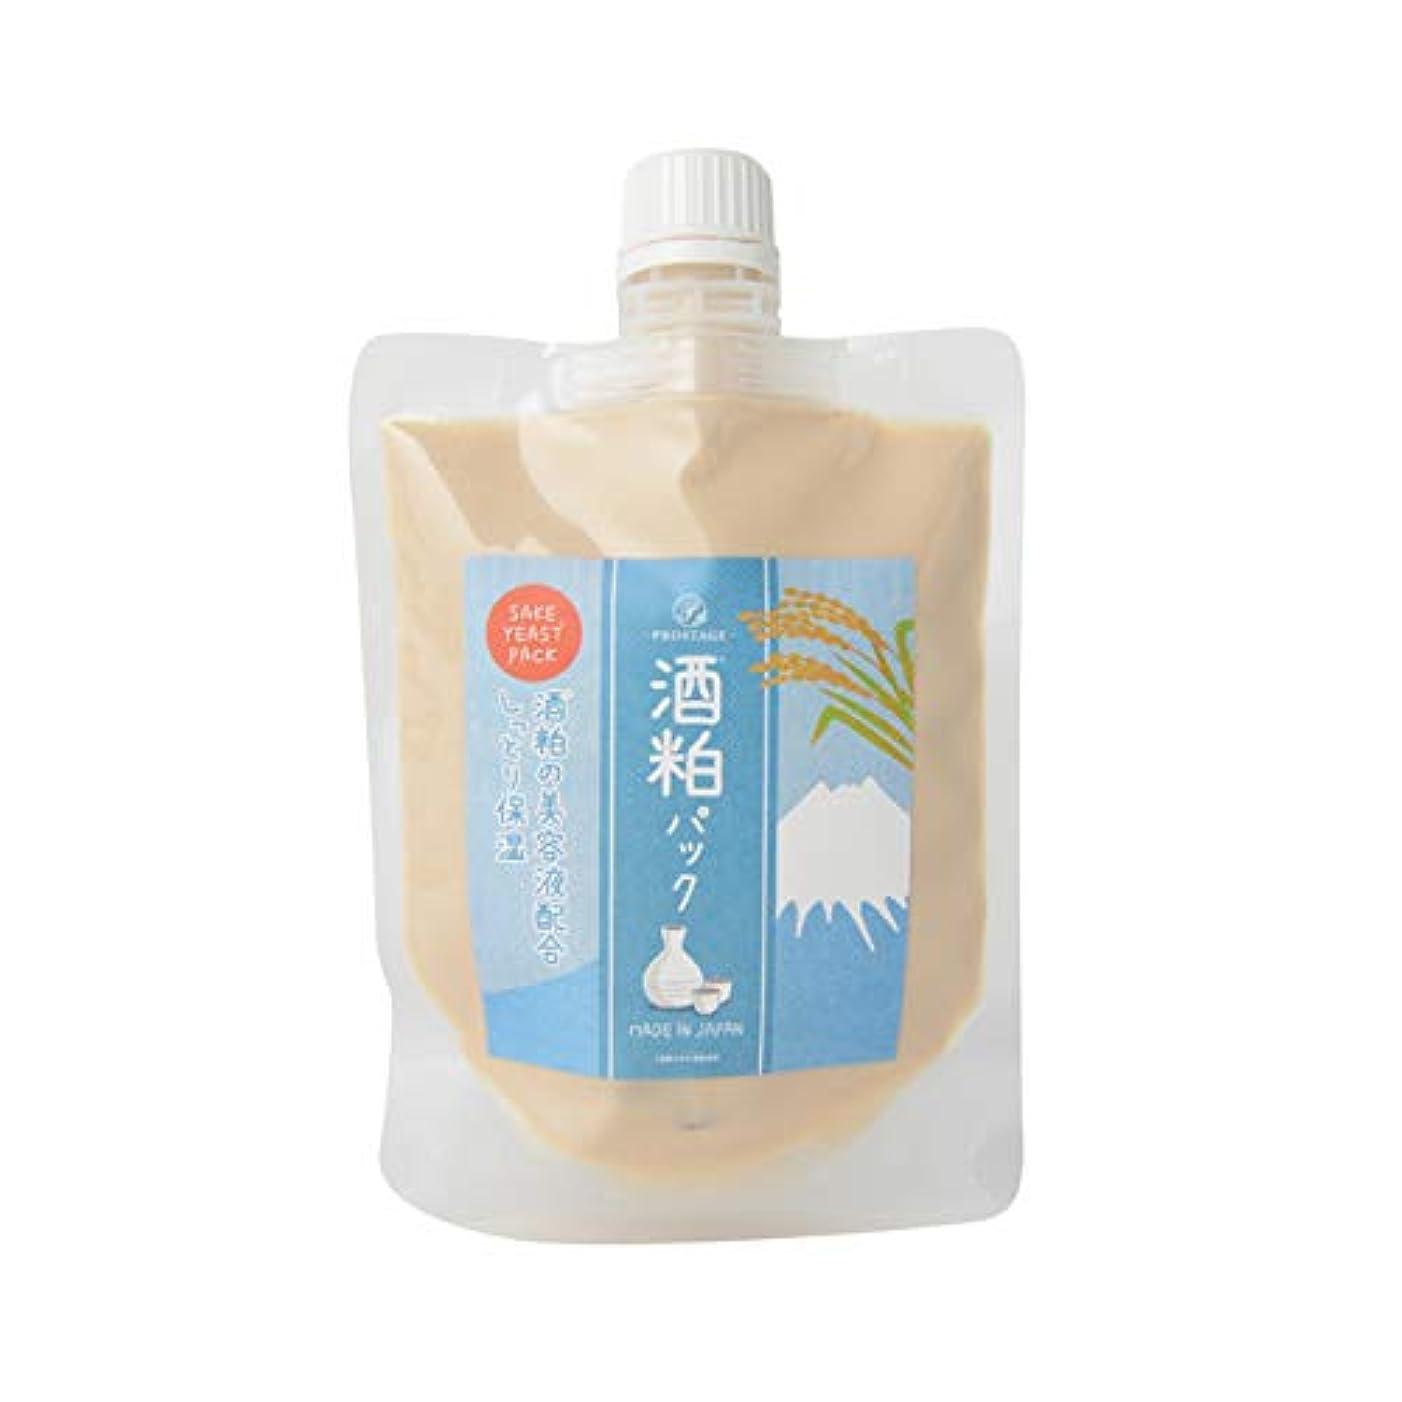 リーン彫刻家お尻PROSTAGE 酒粕パック 170g